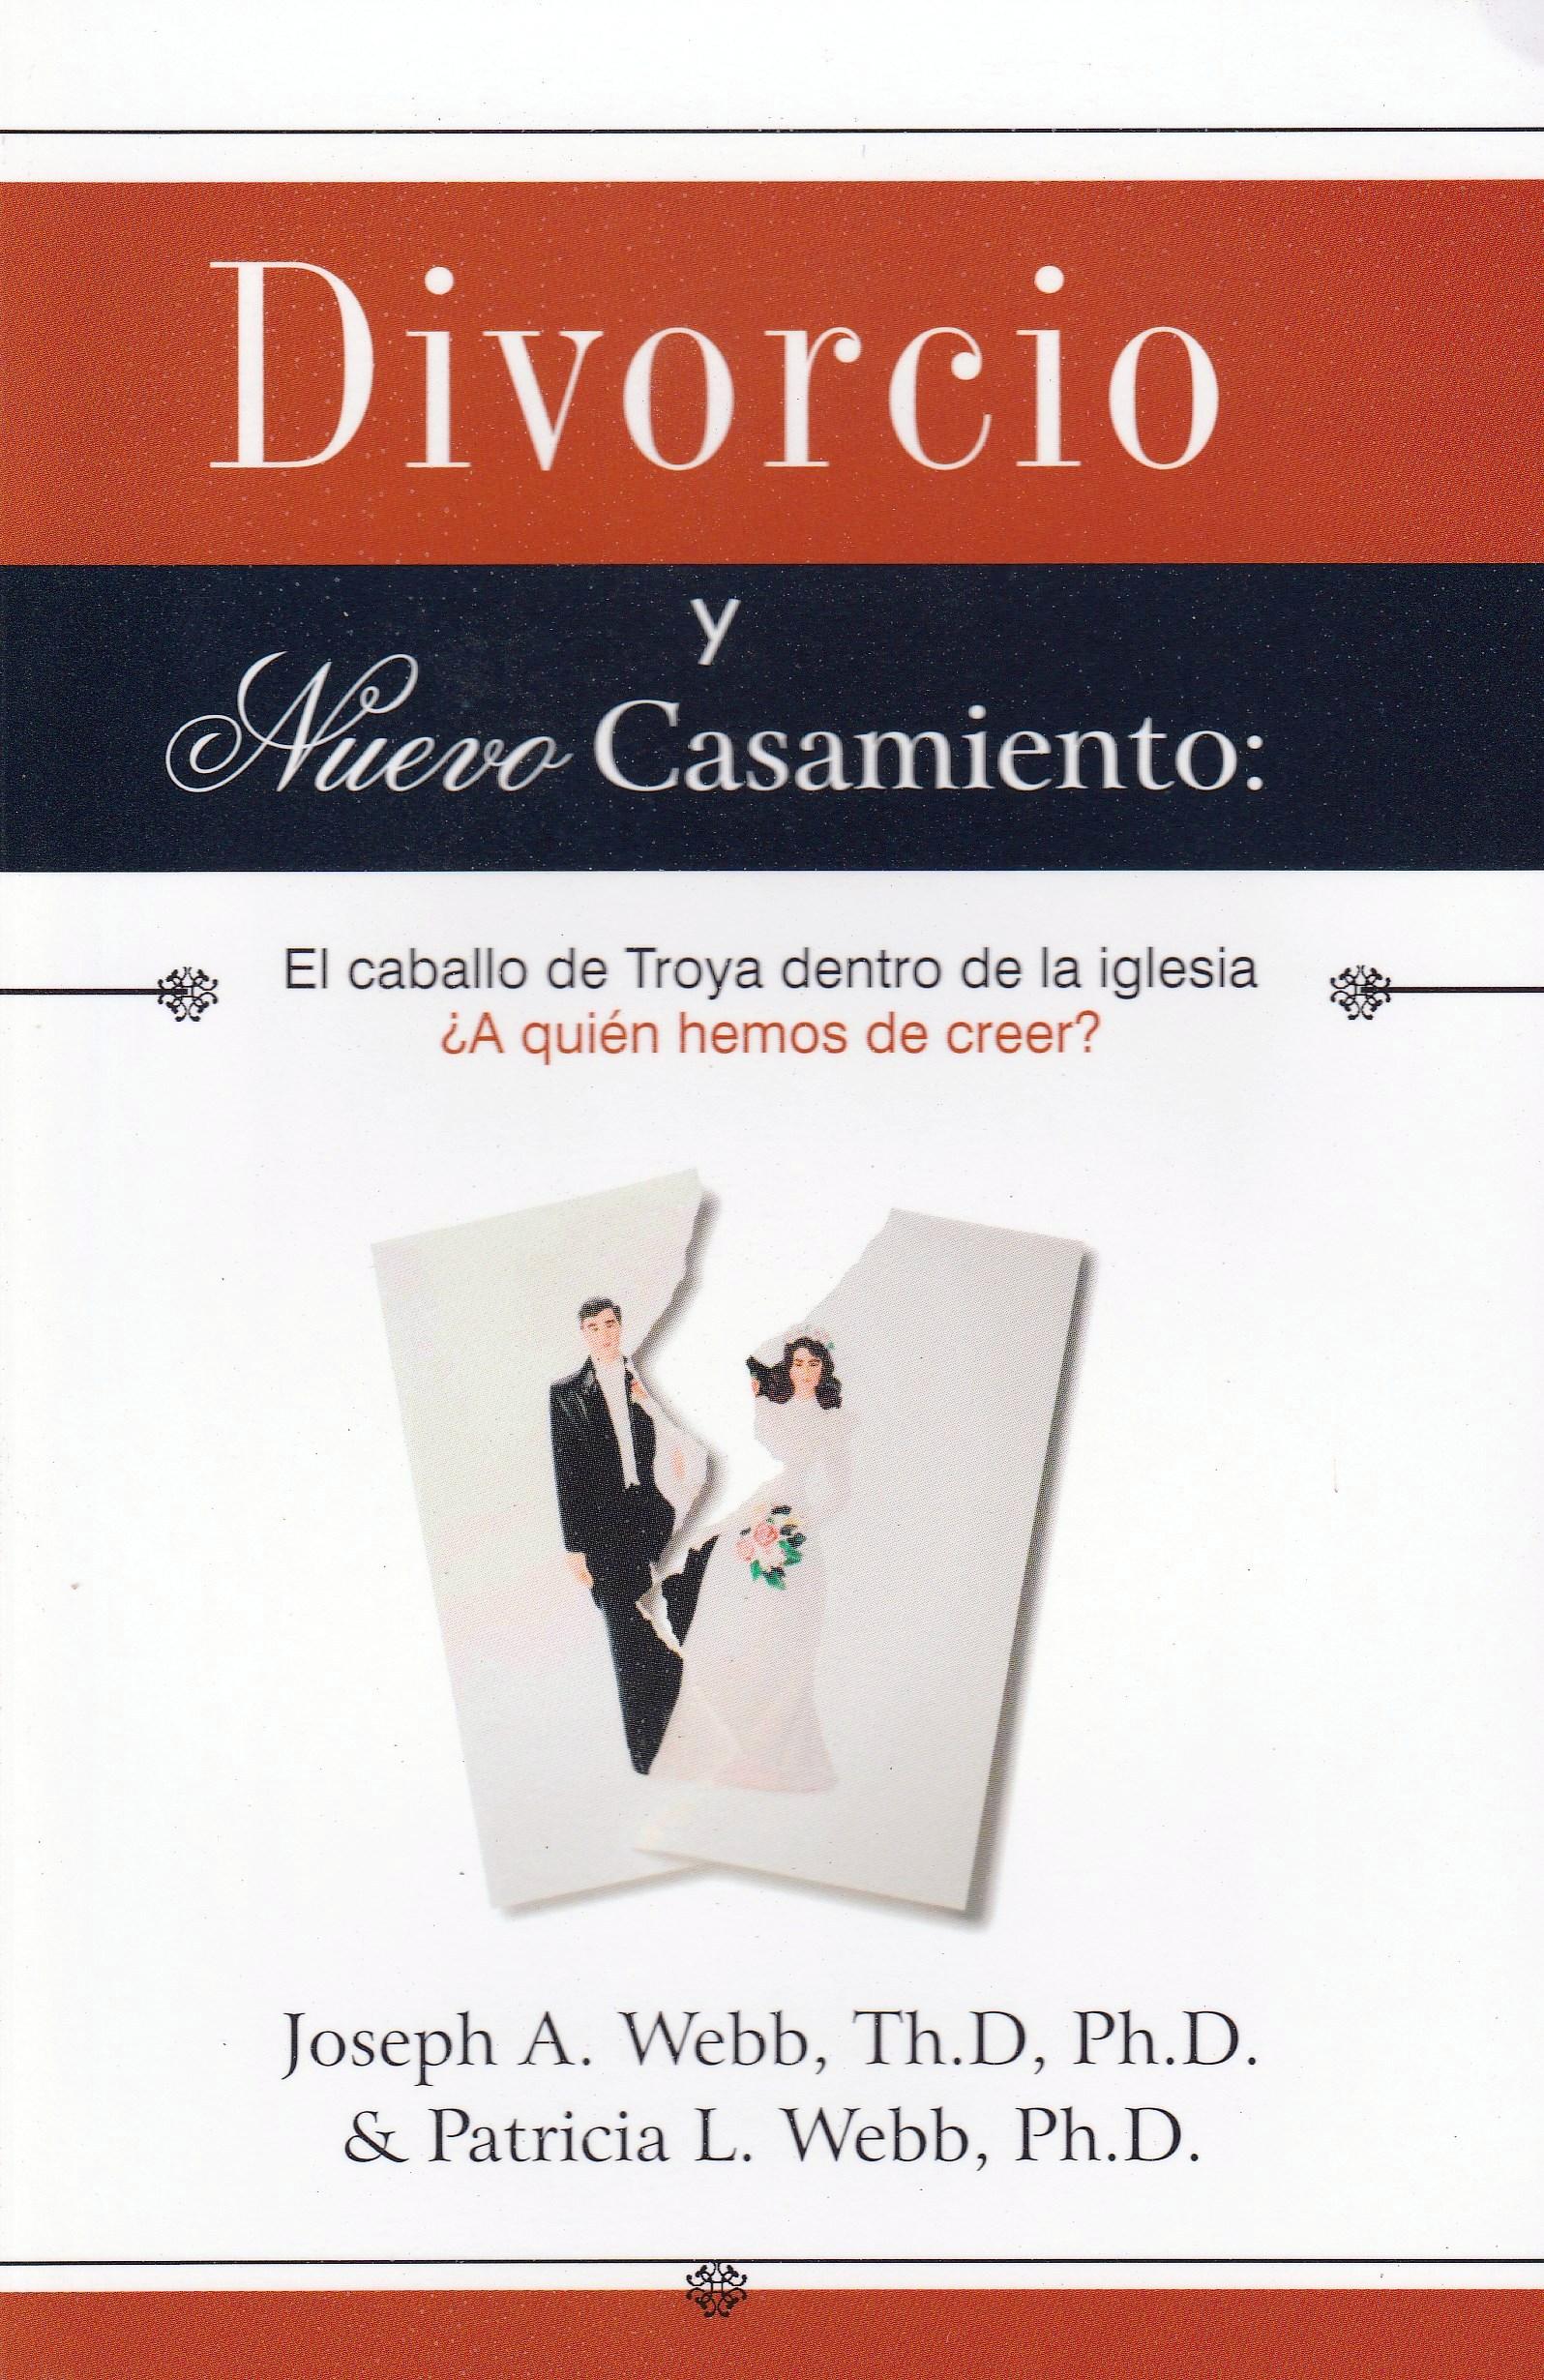 Divorcio Y Nuevo Casamiento